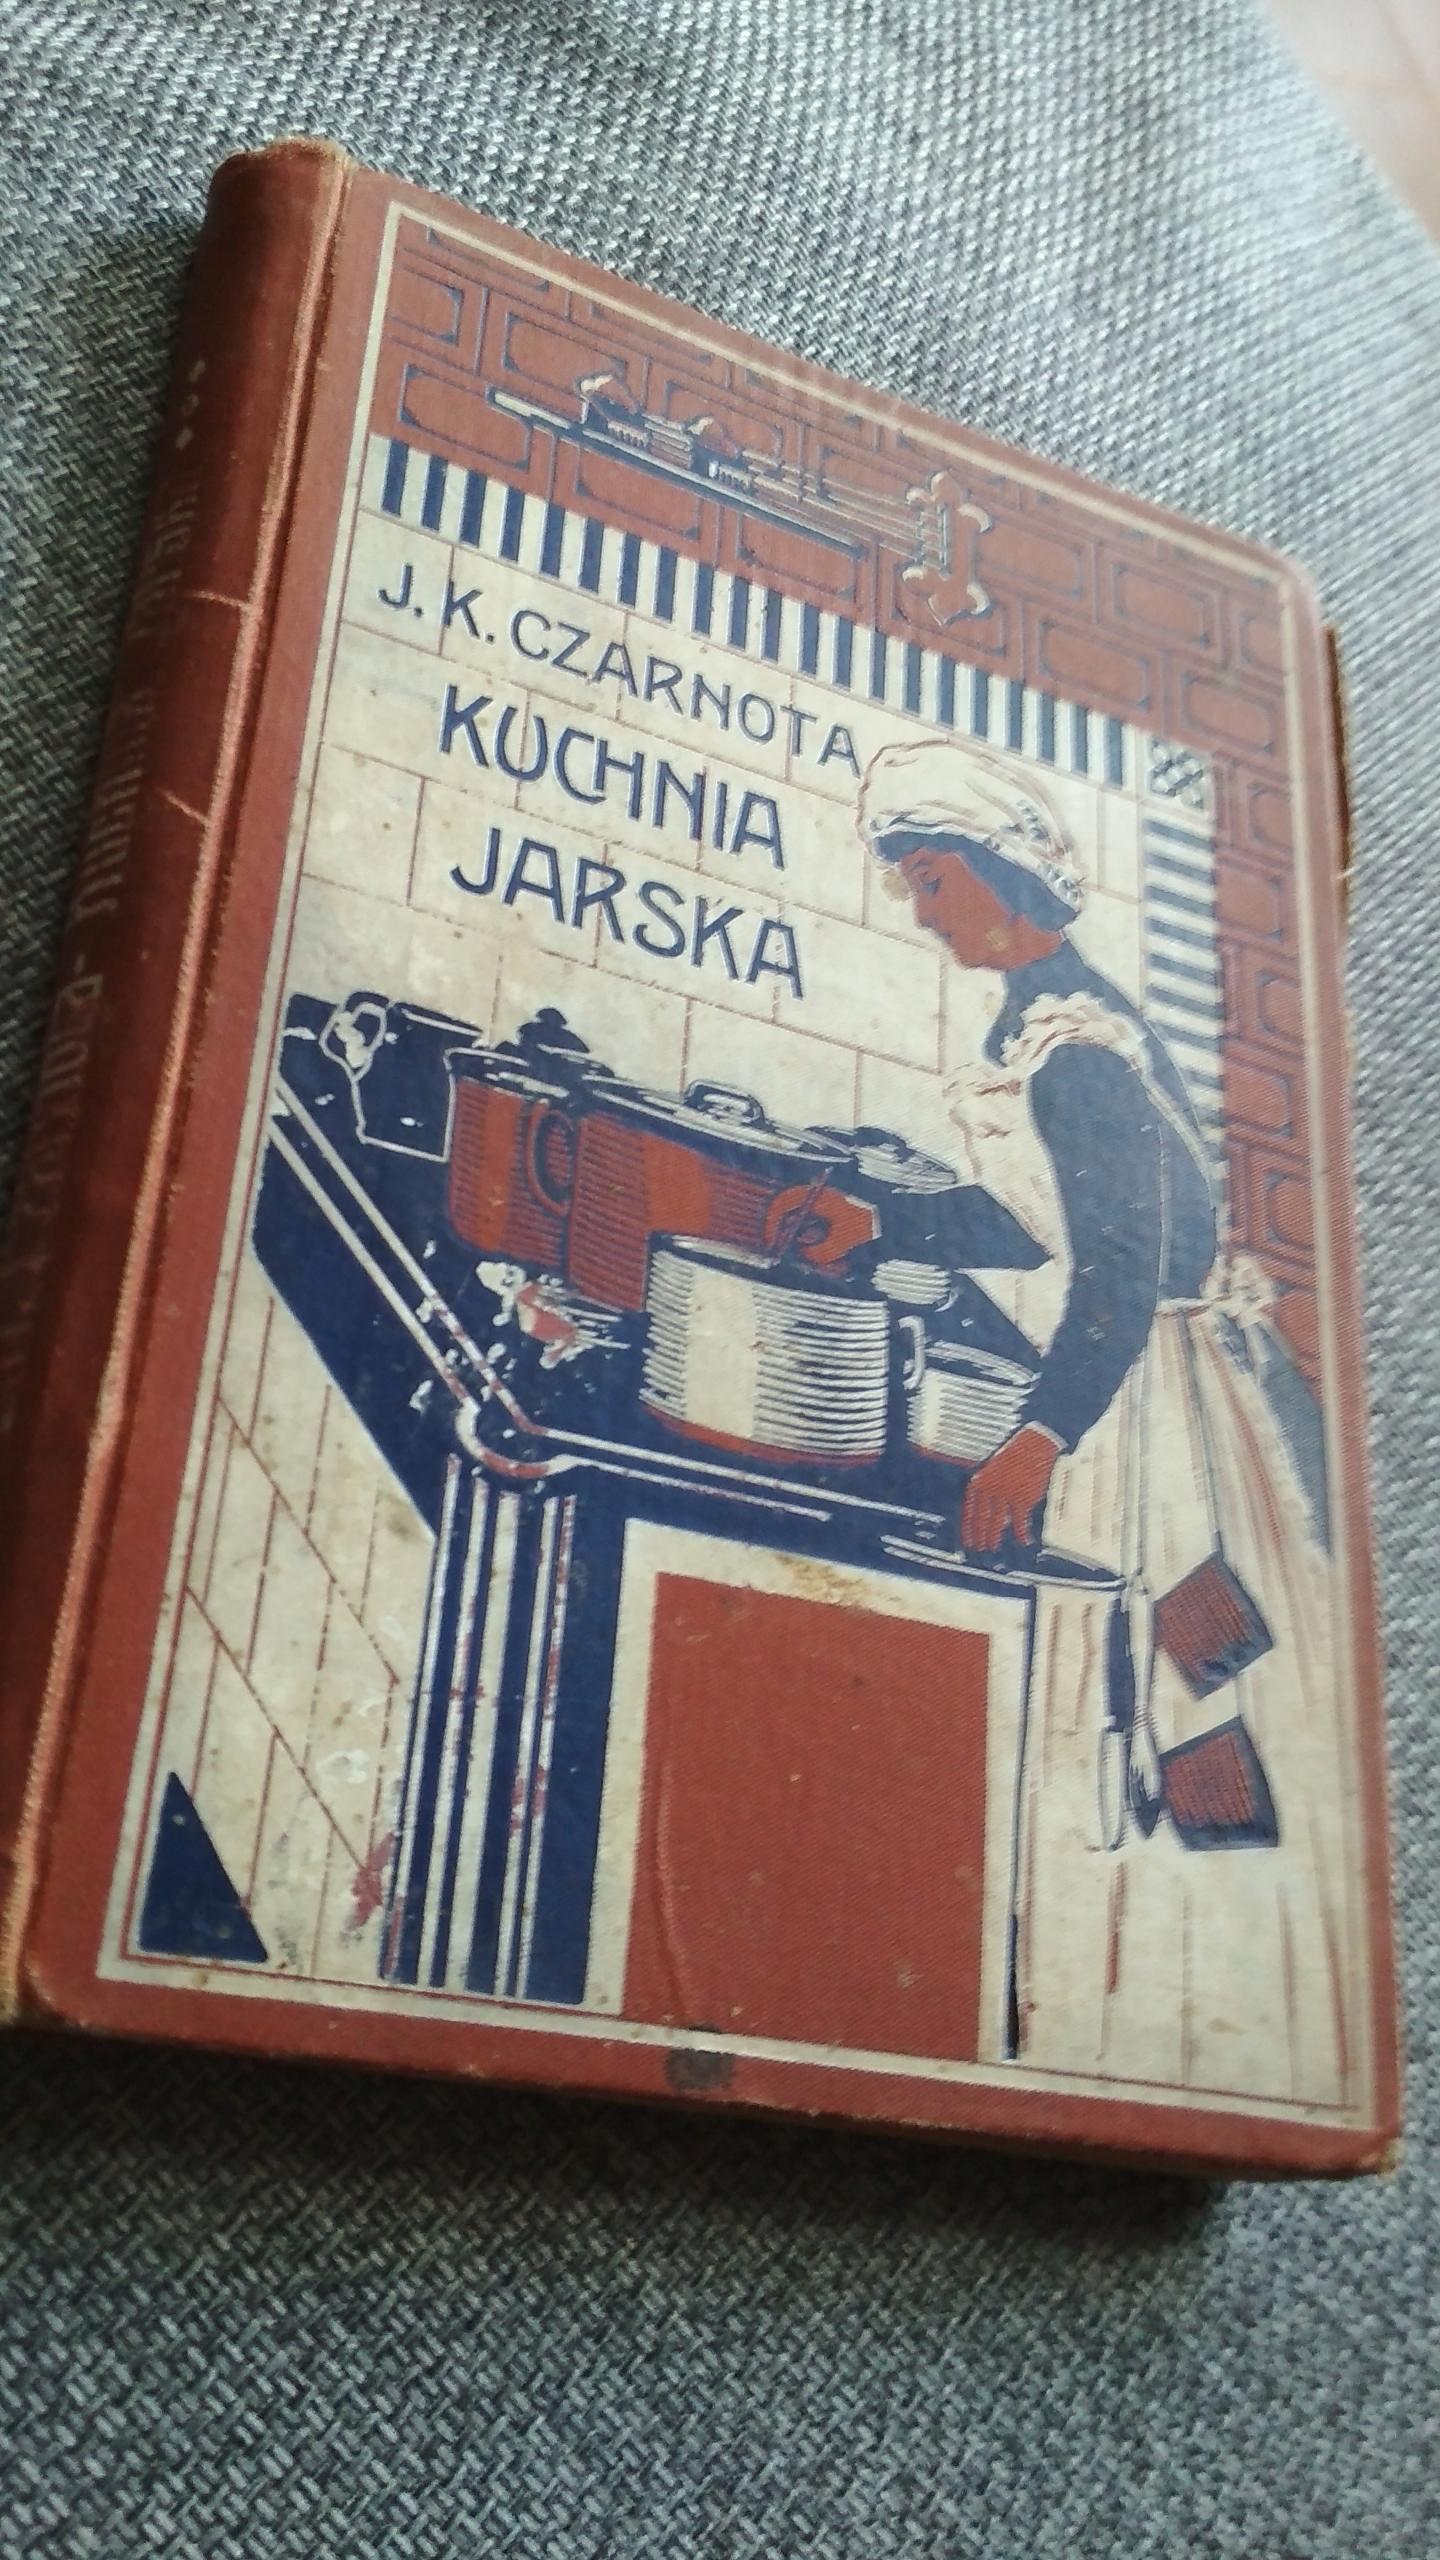 Jan Kazimierz Czarnota Kuchnia Jarska Lwow 1908 7482346192